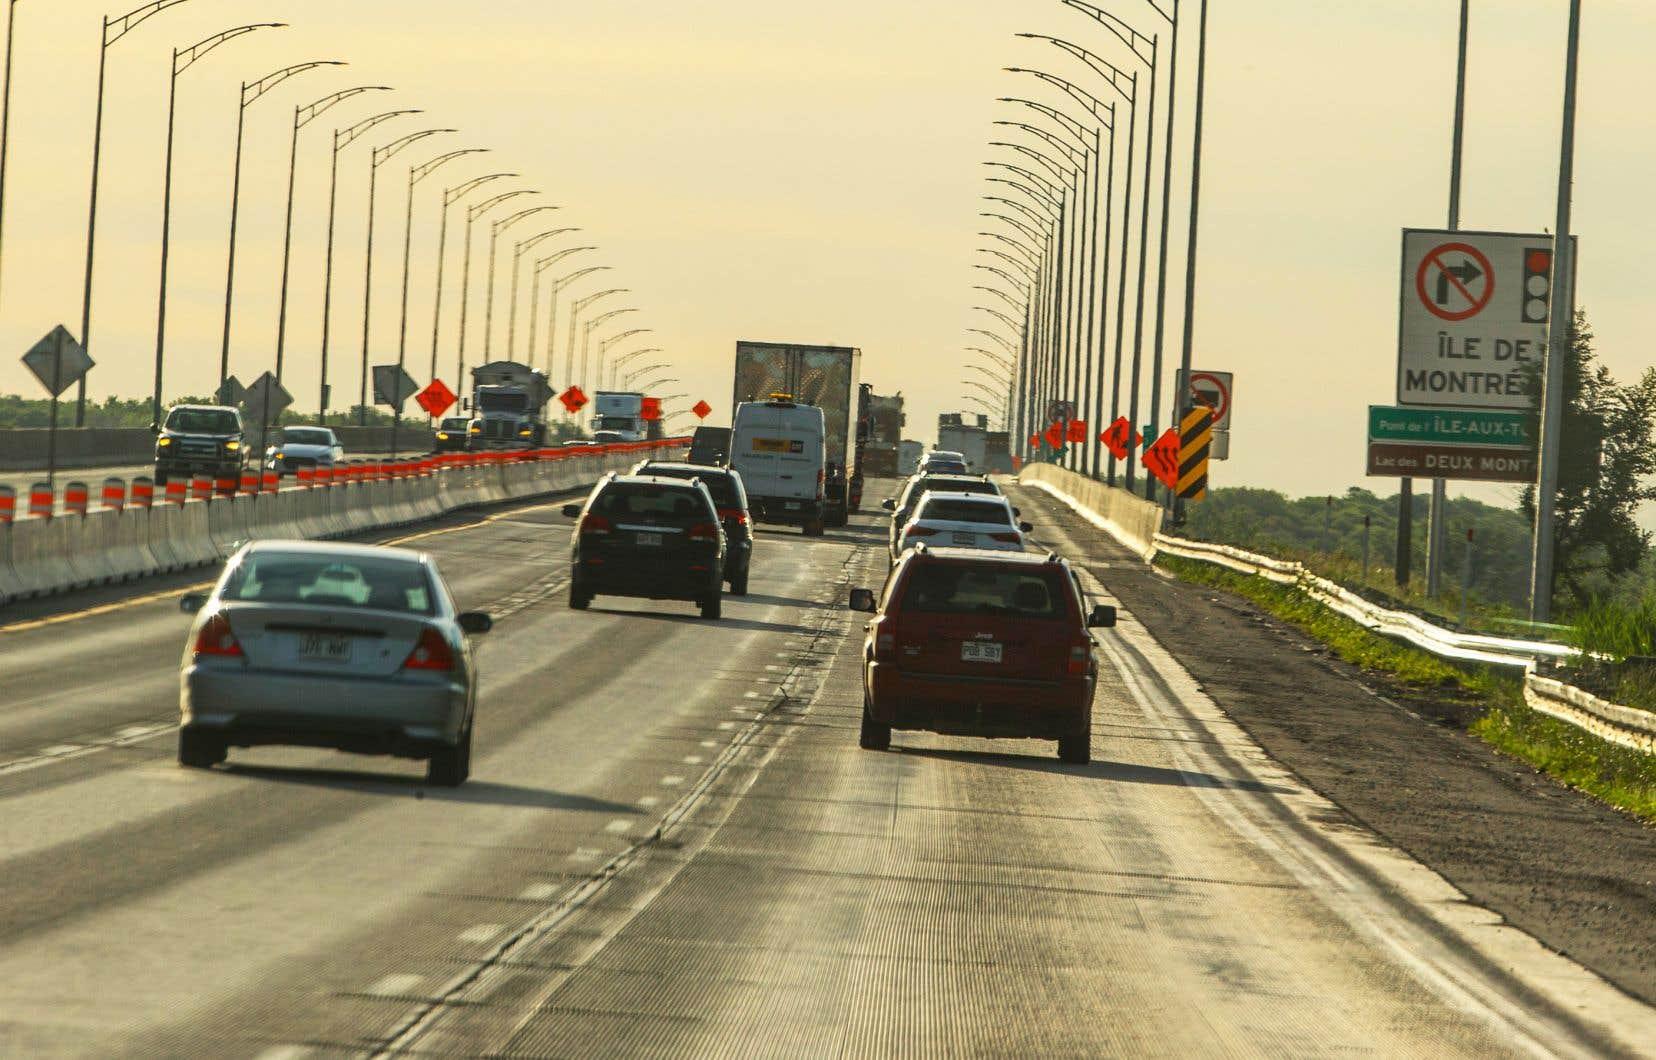 Le pont de l'Île-aux-Tourtes, construit en 1965, était sous respirateur artificiel depuis plusieurs années. Il fera d'ailleurs l'objet d'une reconstruction complète dans les prochaines années, promet Québec.